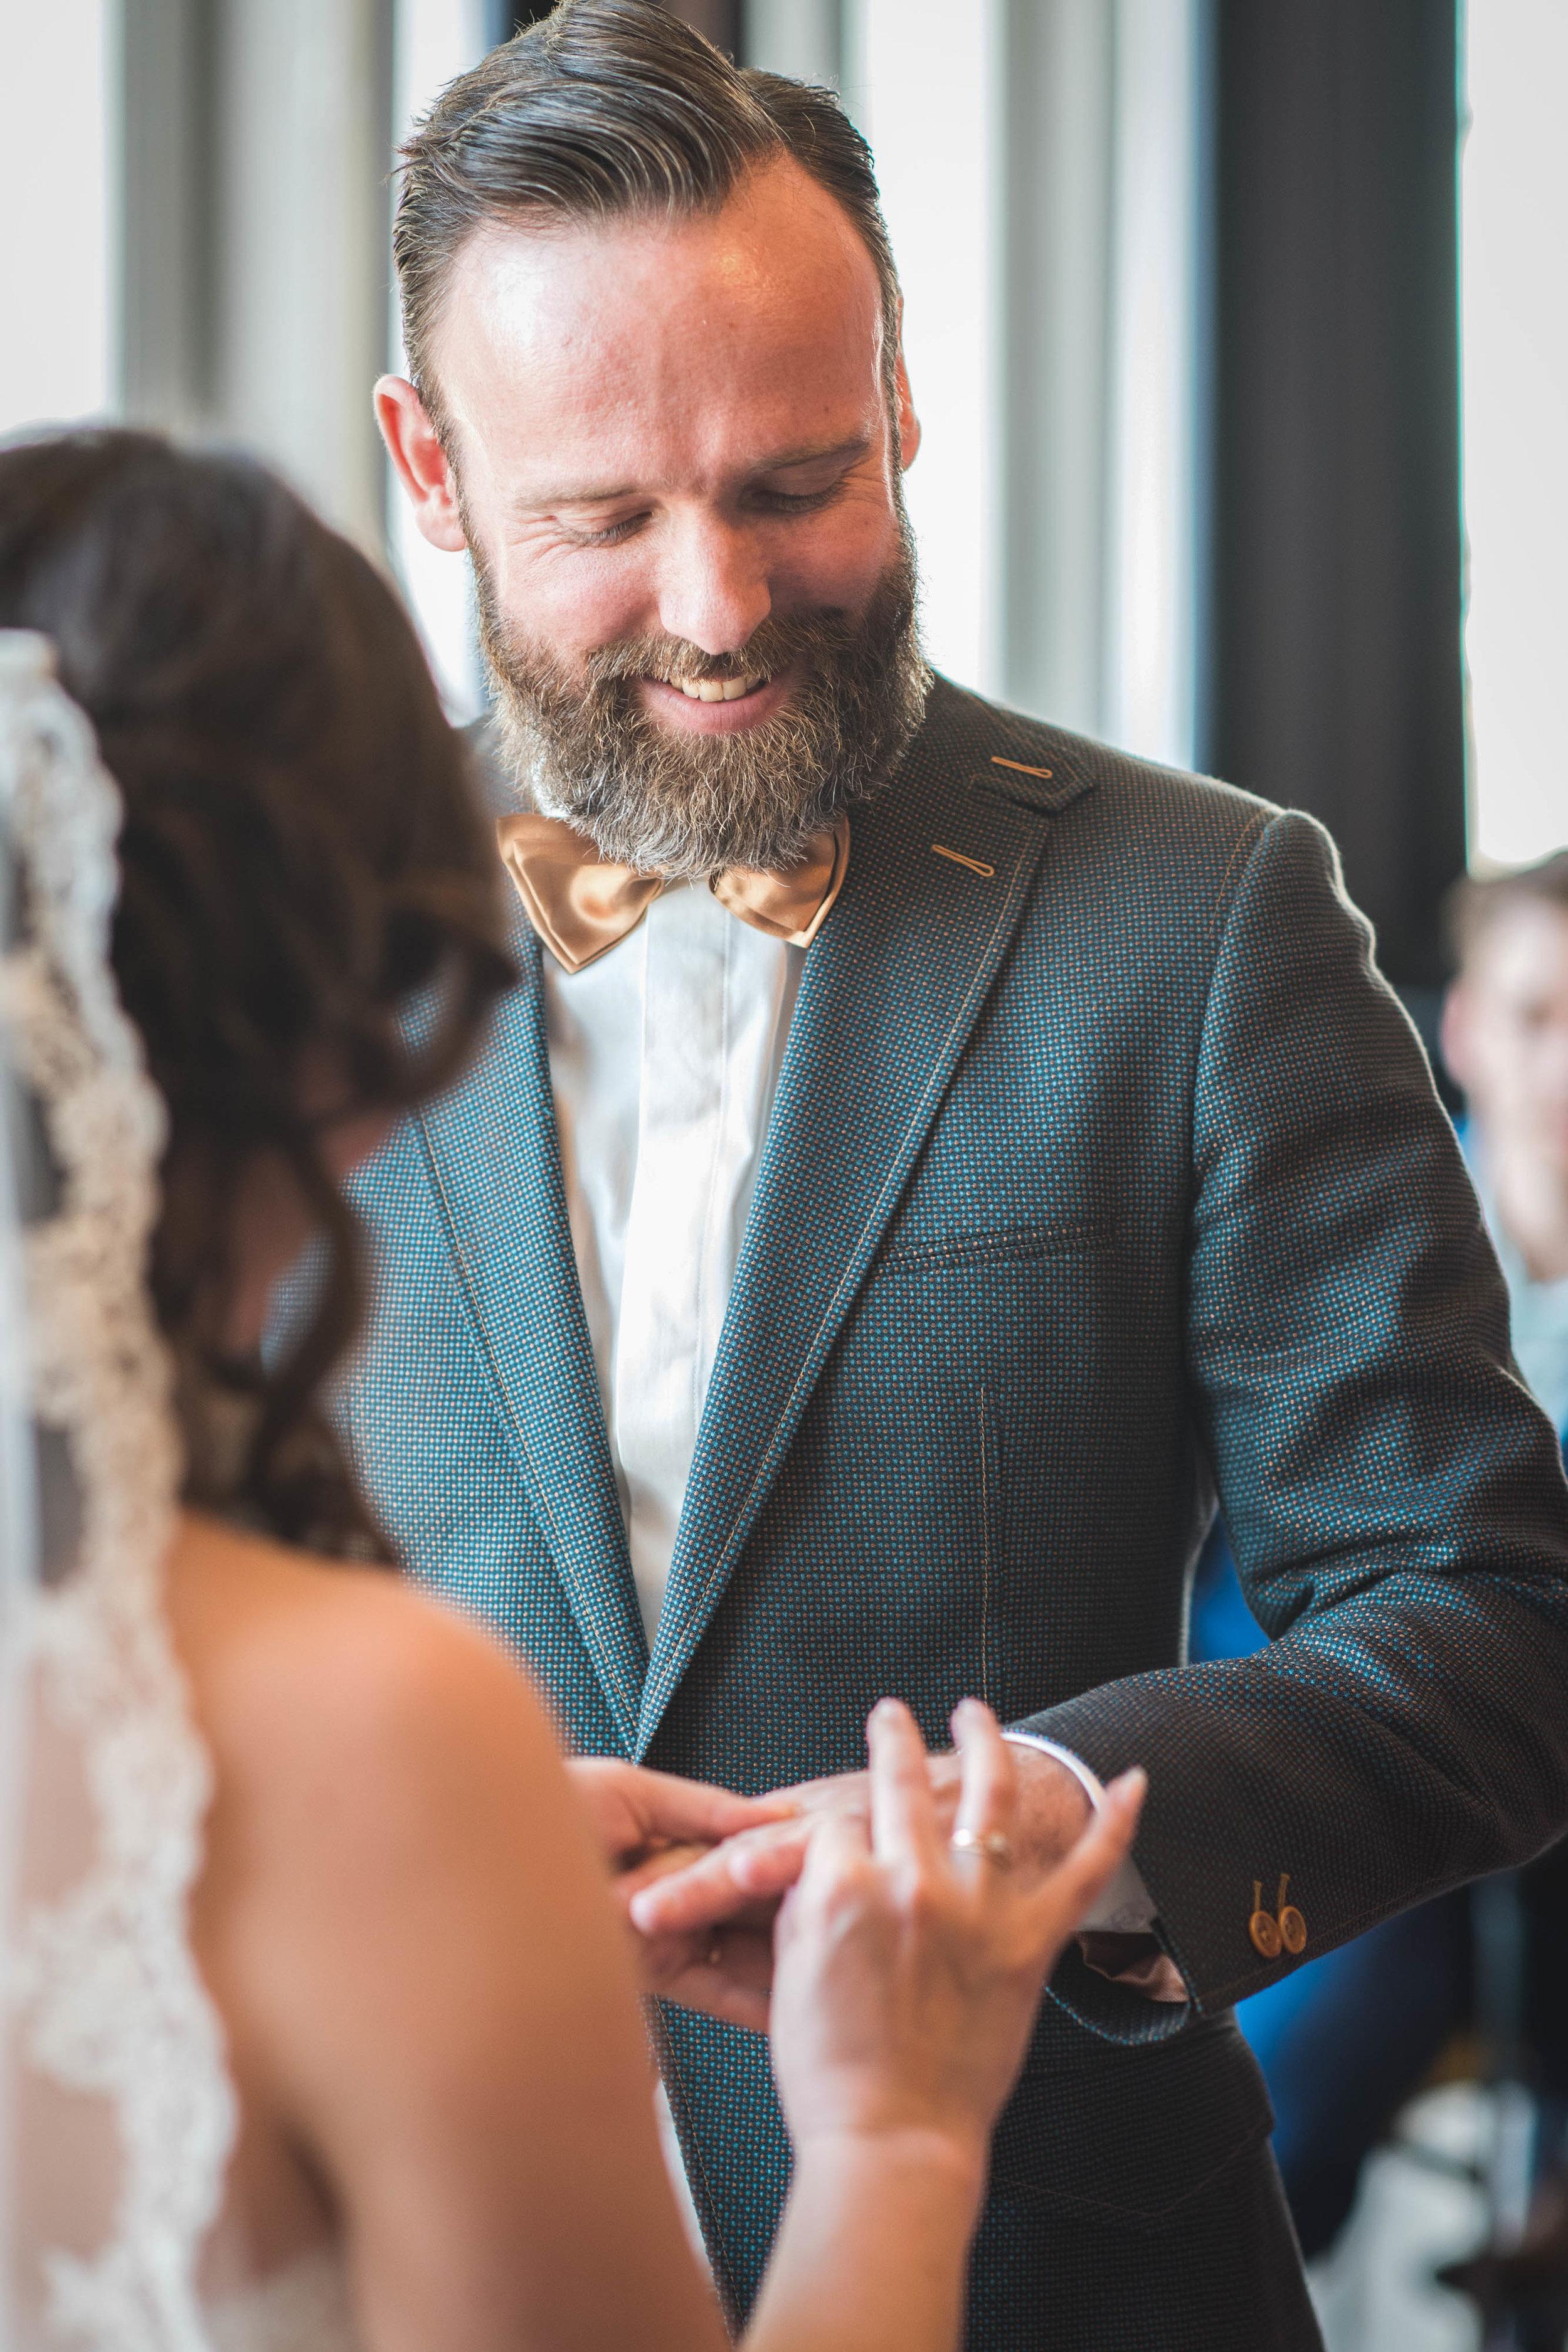 Alle belangrijke momenten, zoals het omdoen van de ring, leg ik vast in een trouwreportage zodat er mooie herinneringen worden vastgelegd.